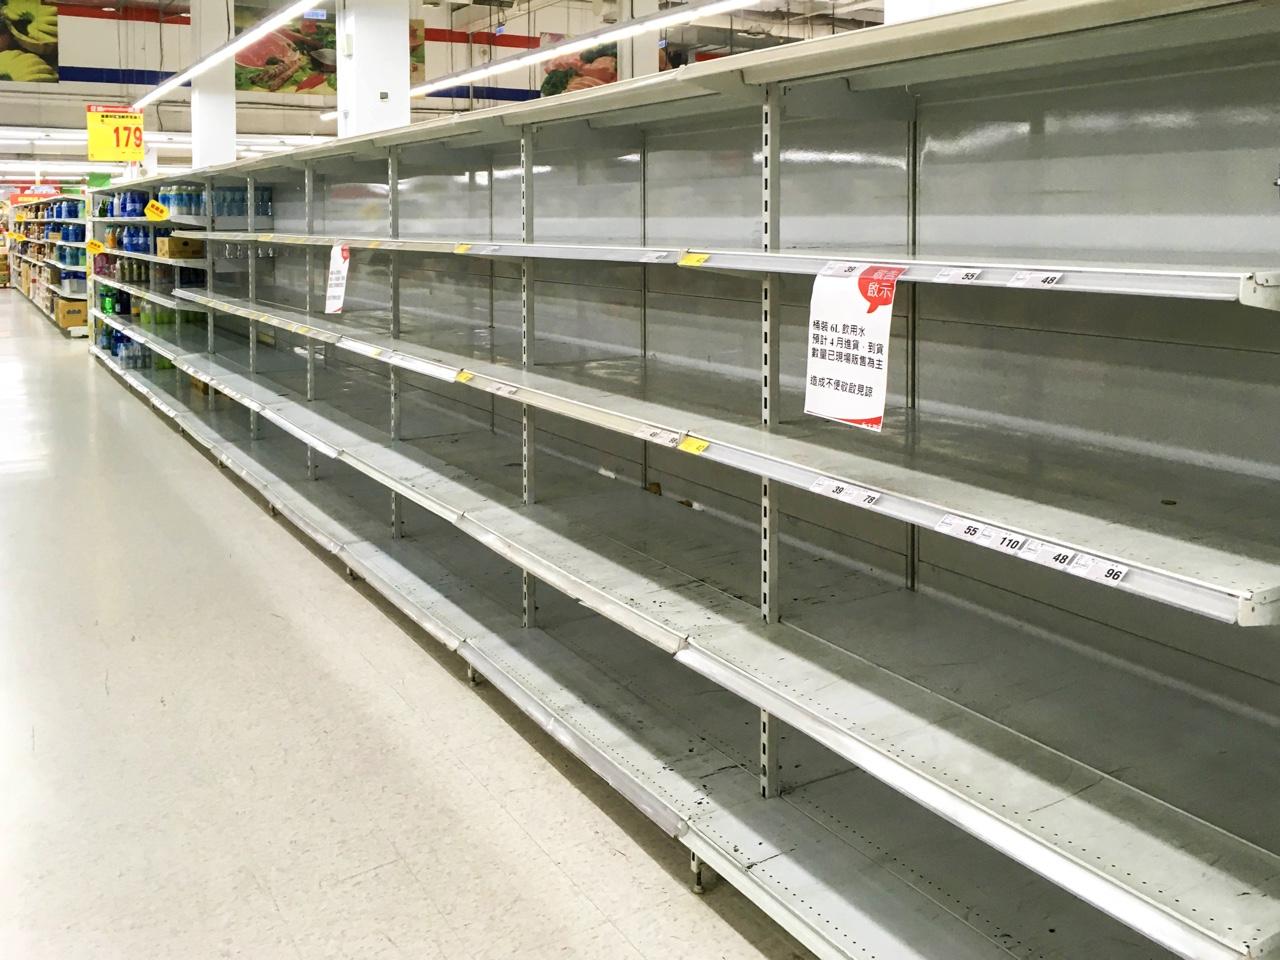 空になったスーパーの水売り場の棚